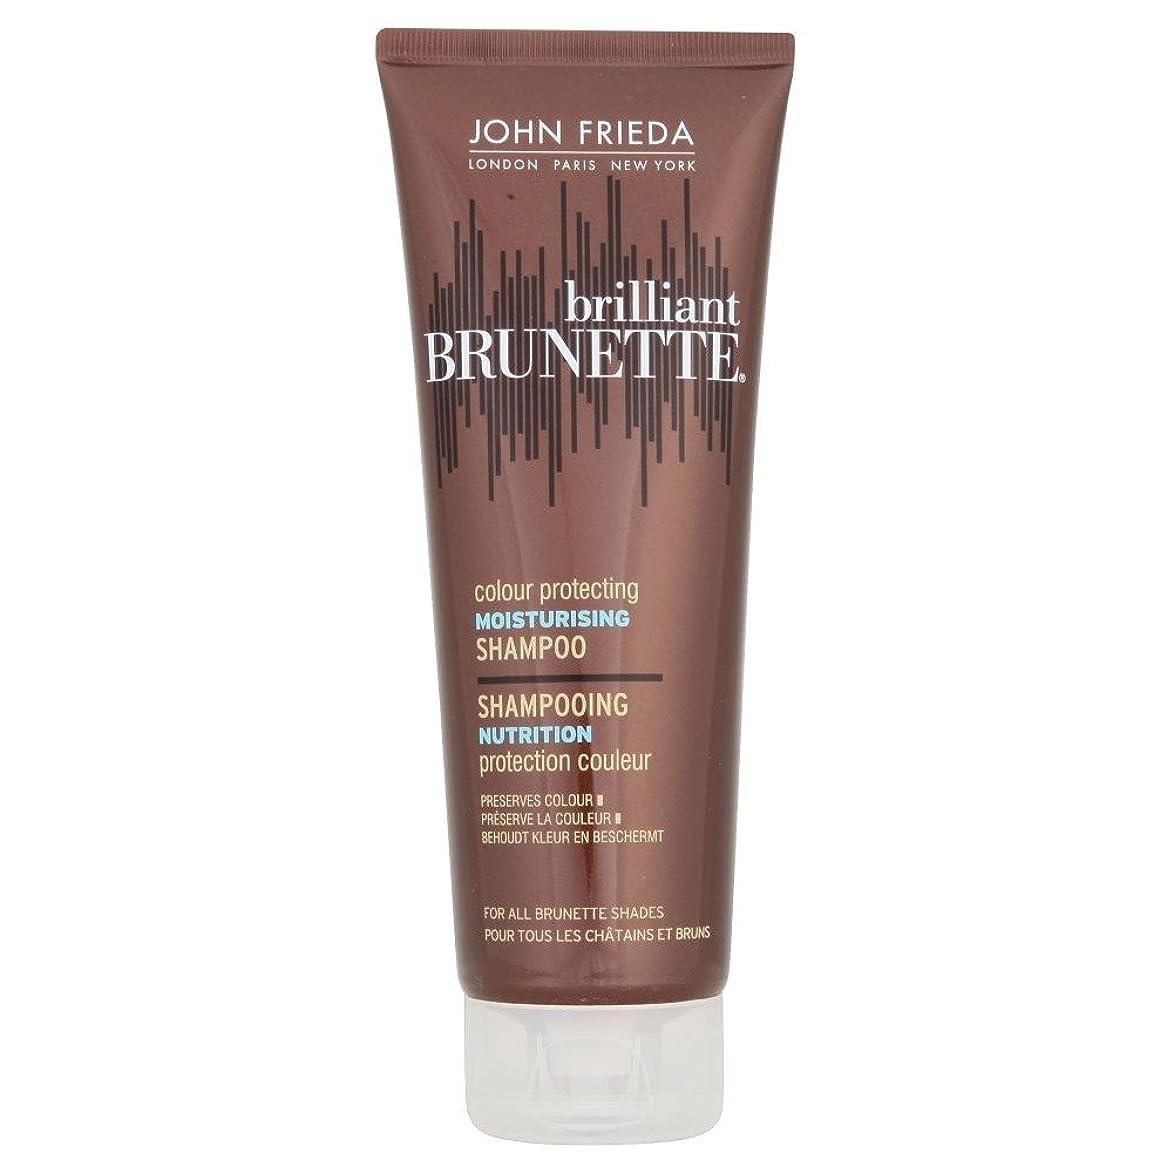 そばに良心アクセスできないJohn Frieda Brilliant Brunette Moisturising Shampoo - for All Brunettes (250ml) ジョン?フリーダ鮮やかなブルネットの保湿シャンプー - すべての黒髪用( 250ミリリットル) [並行輸入品]